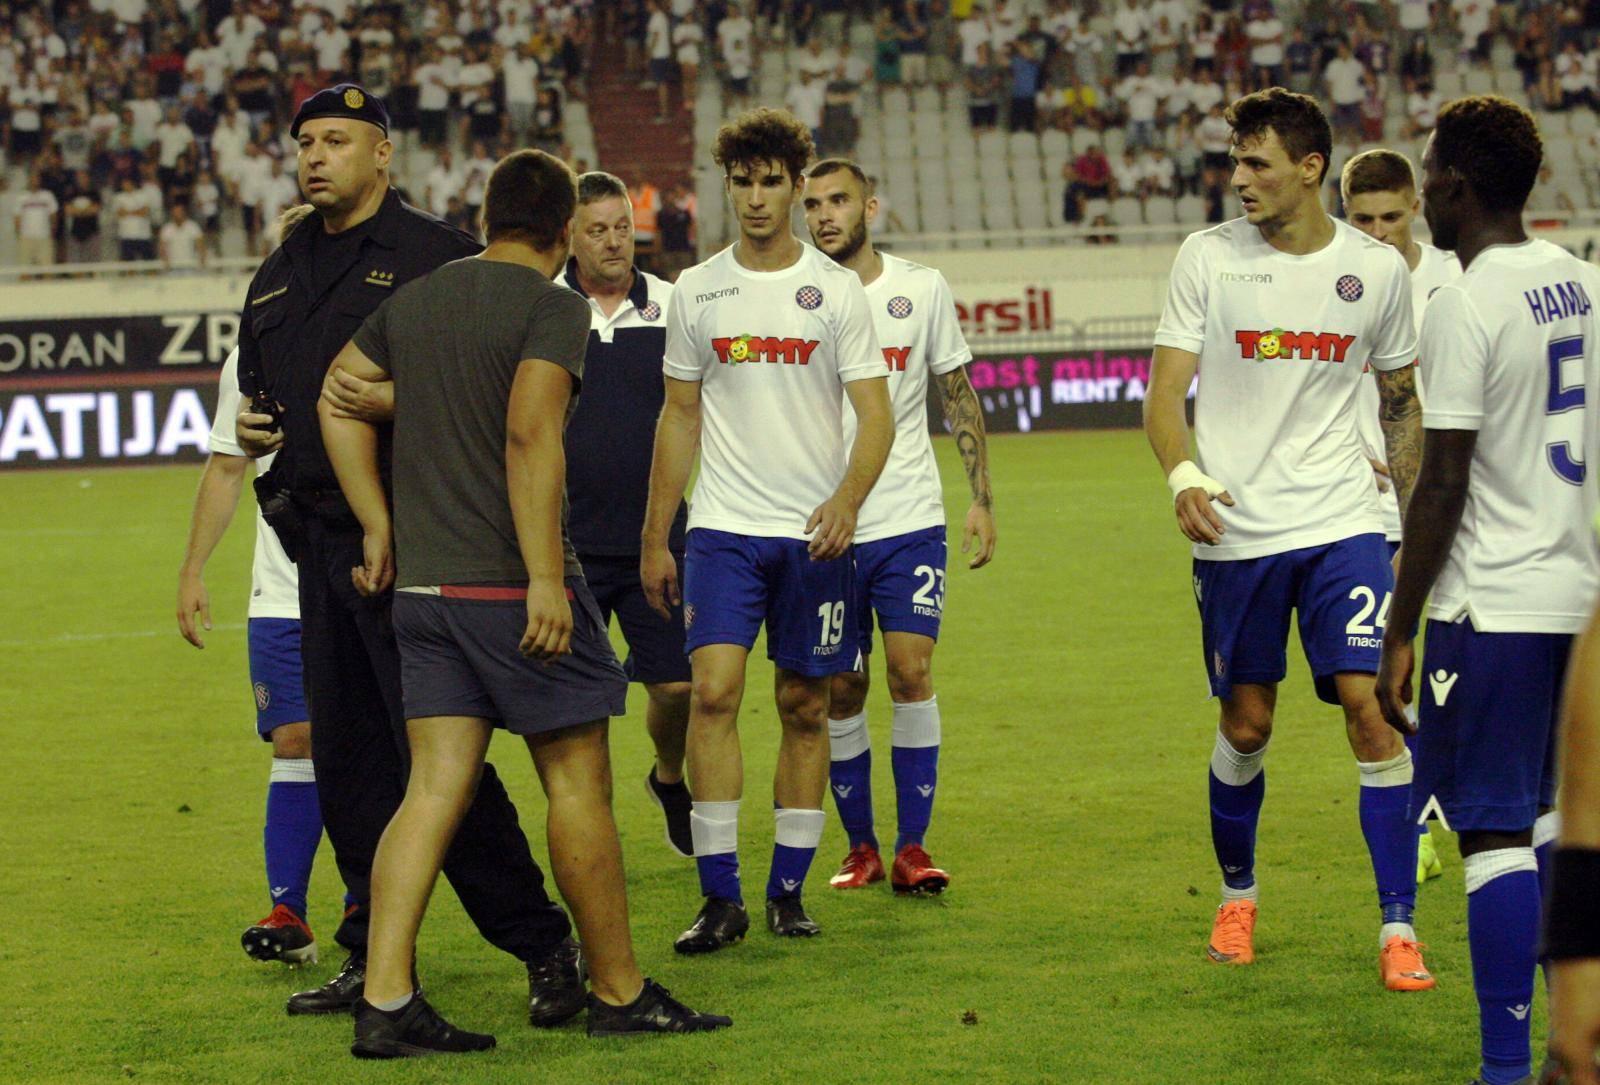 Zbrajanje štete: Hajduk ostaje bez barem deset milijuna kuna